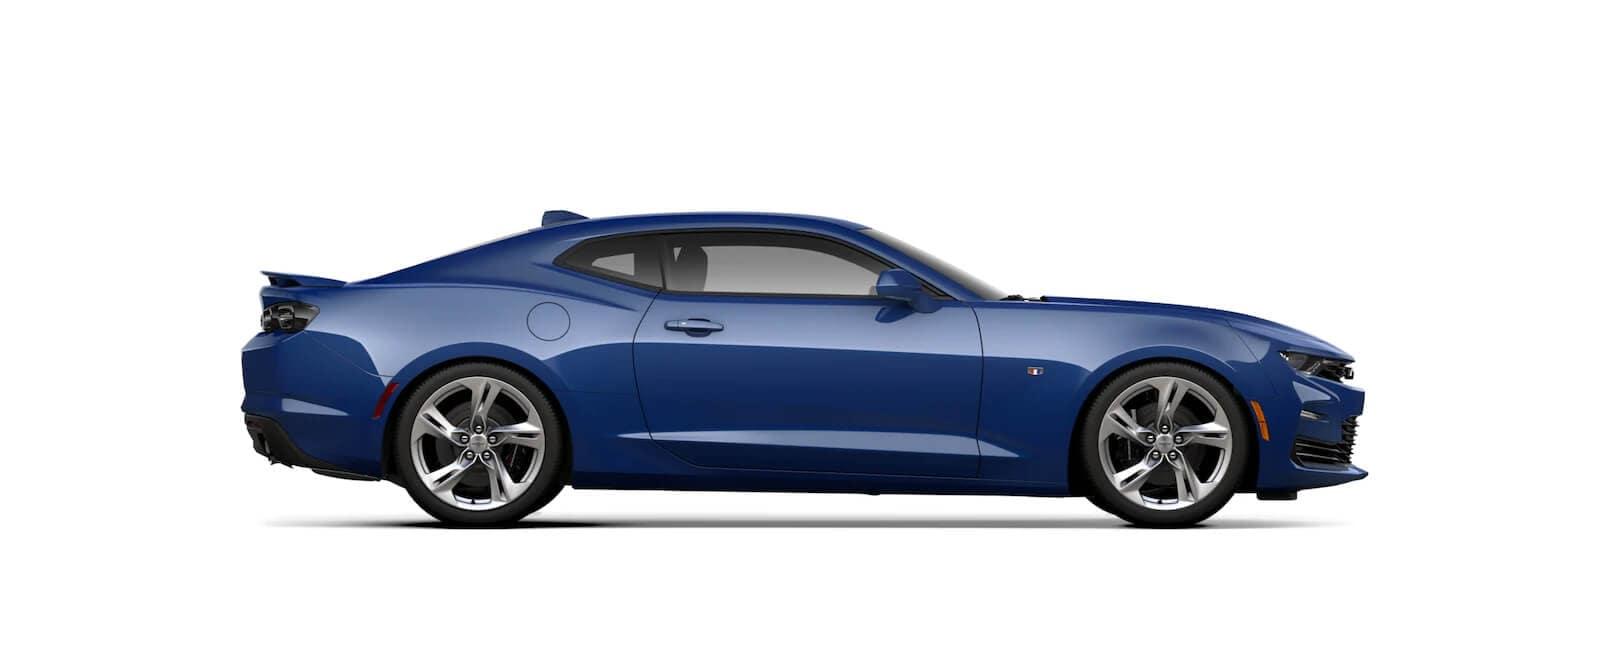 New Chevrolet Vehicles: 2021 Camaro